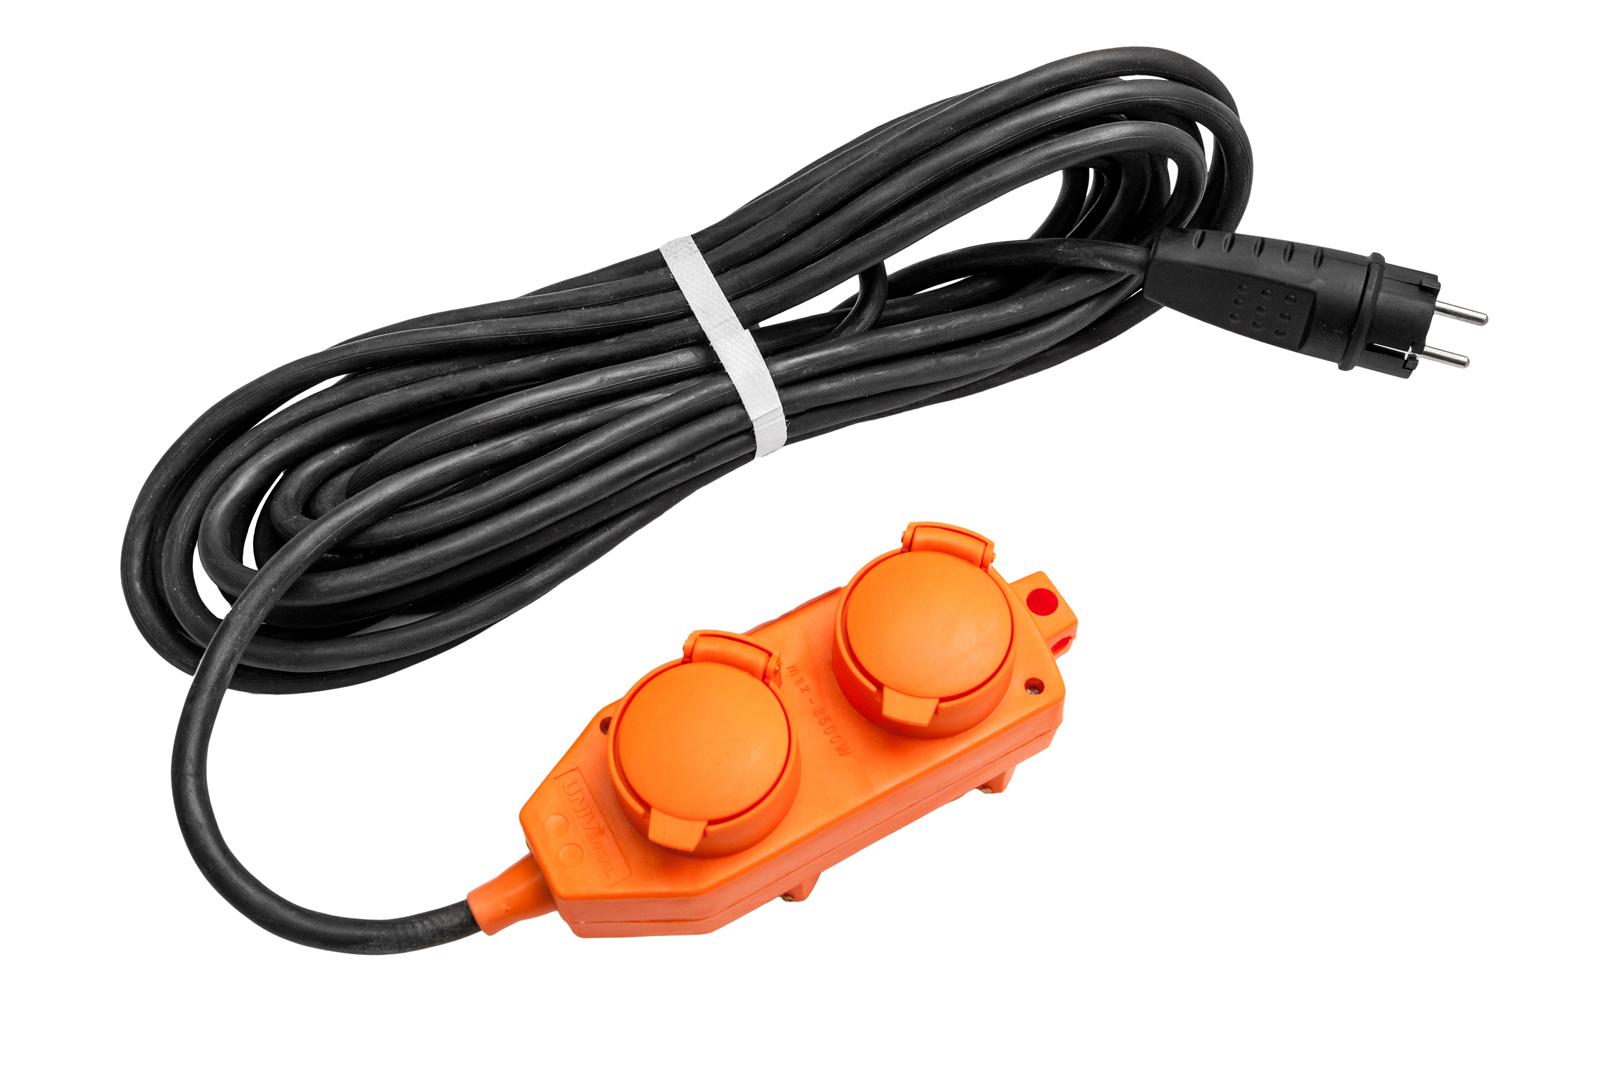 Удлинитель Universal У16-040 ip-44 КГ 3*1,5 4гнезда 10м